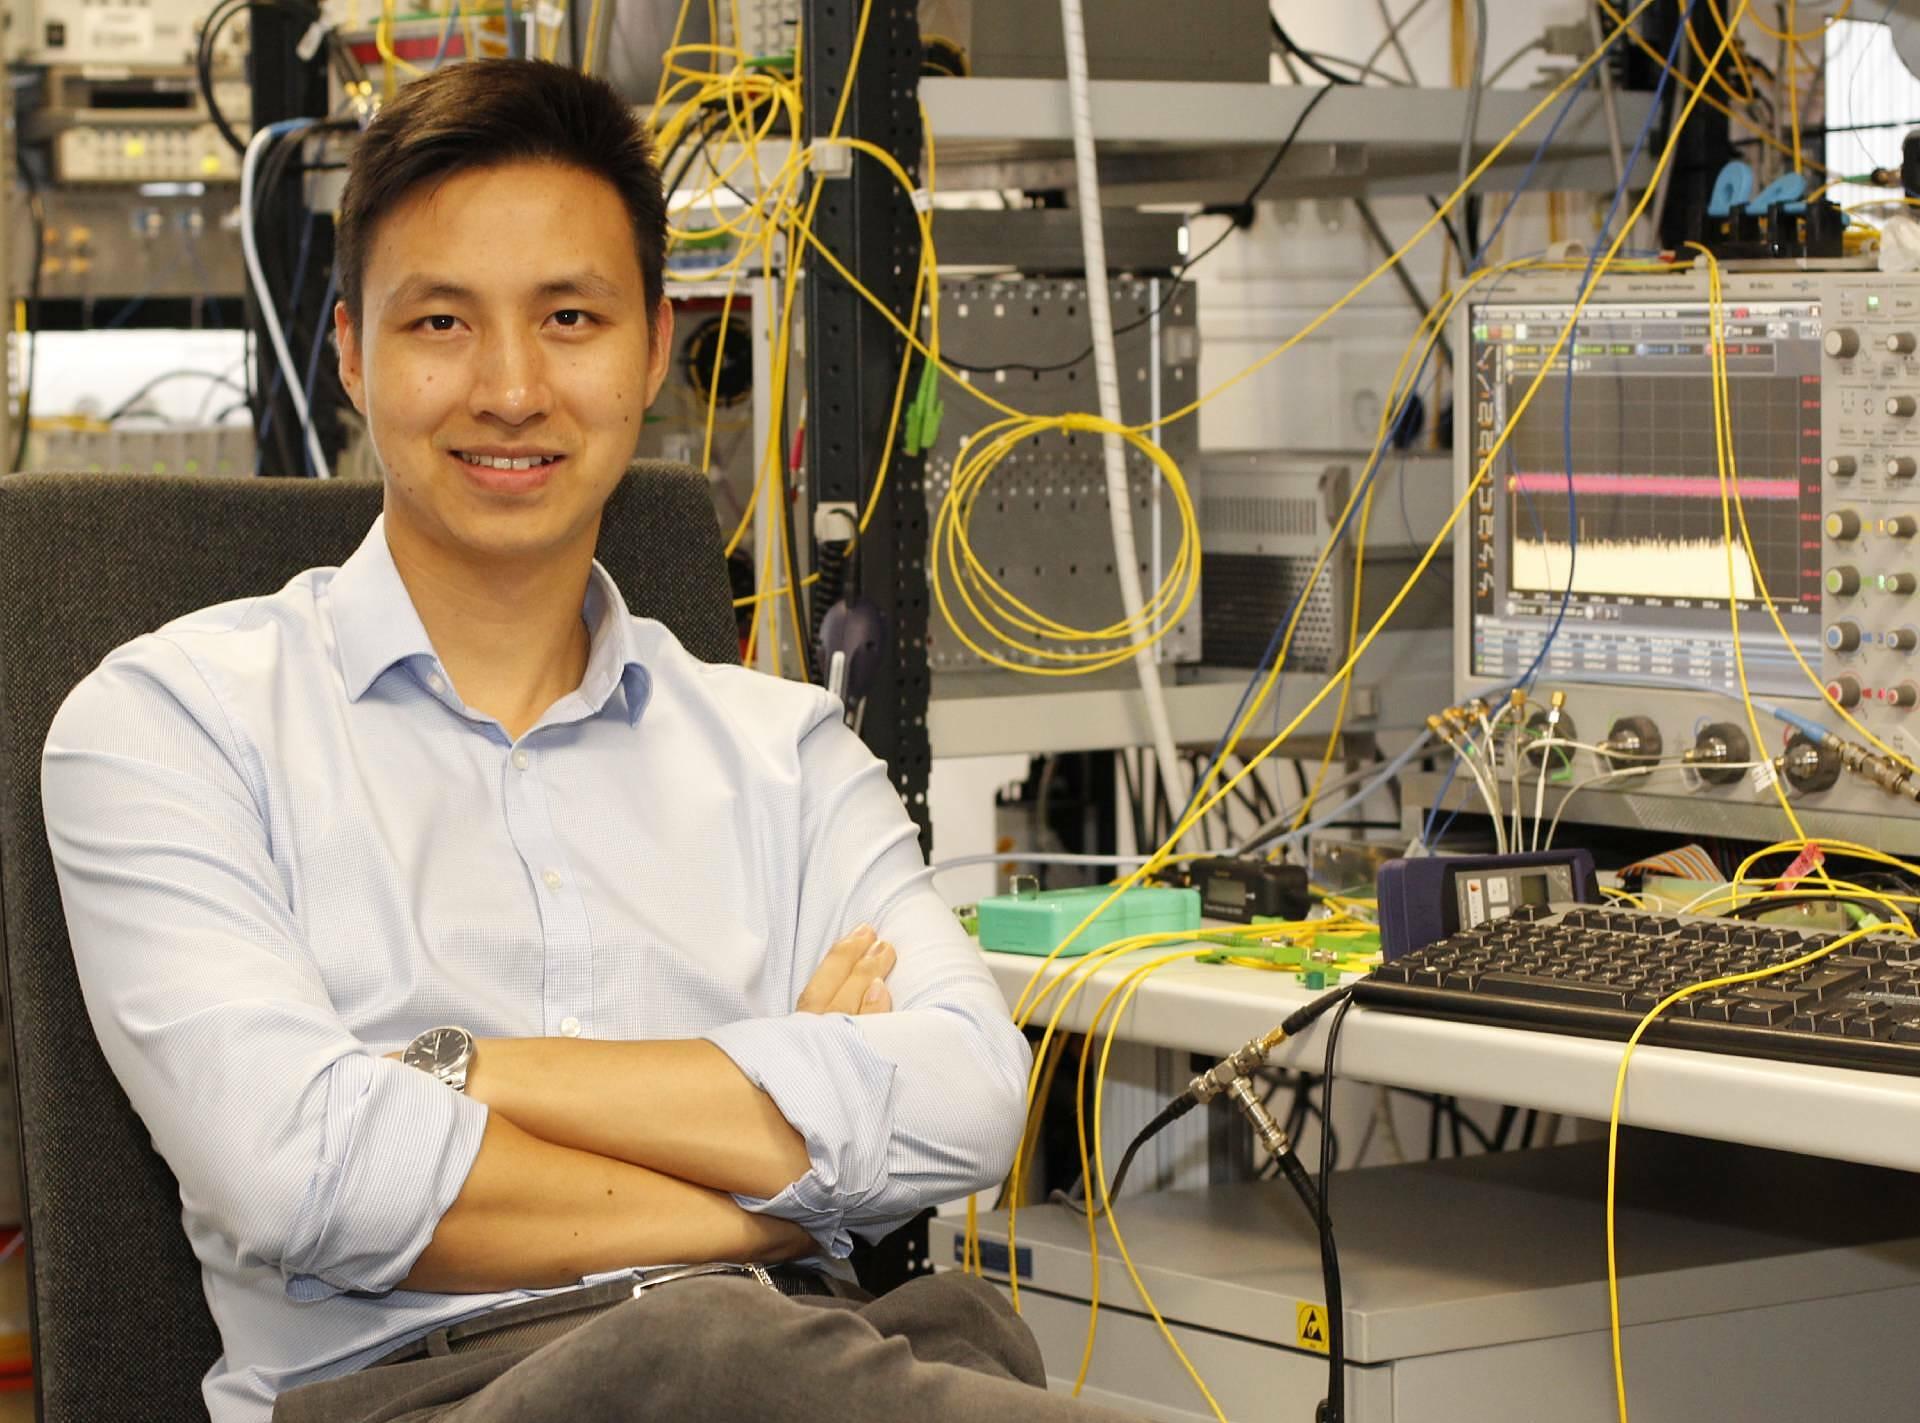 Lê Thái Sơn nằm trong danh sách 35 nhà sáng tạo trẻ dưới 35 tuổi trên thế giới năm 2018 do tạp chí MIT Technology Review (Mỹ) bình chọn. Ảnh: NVCC